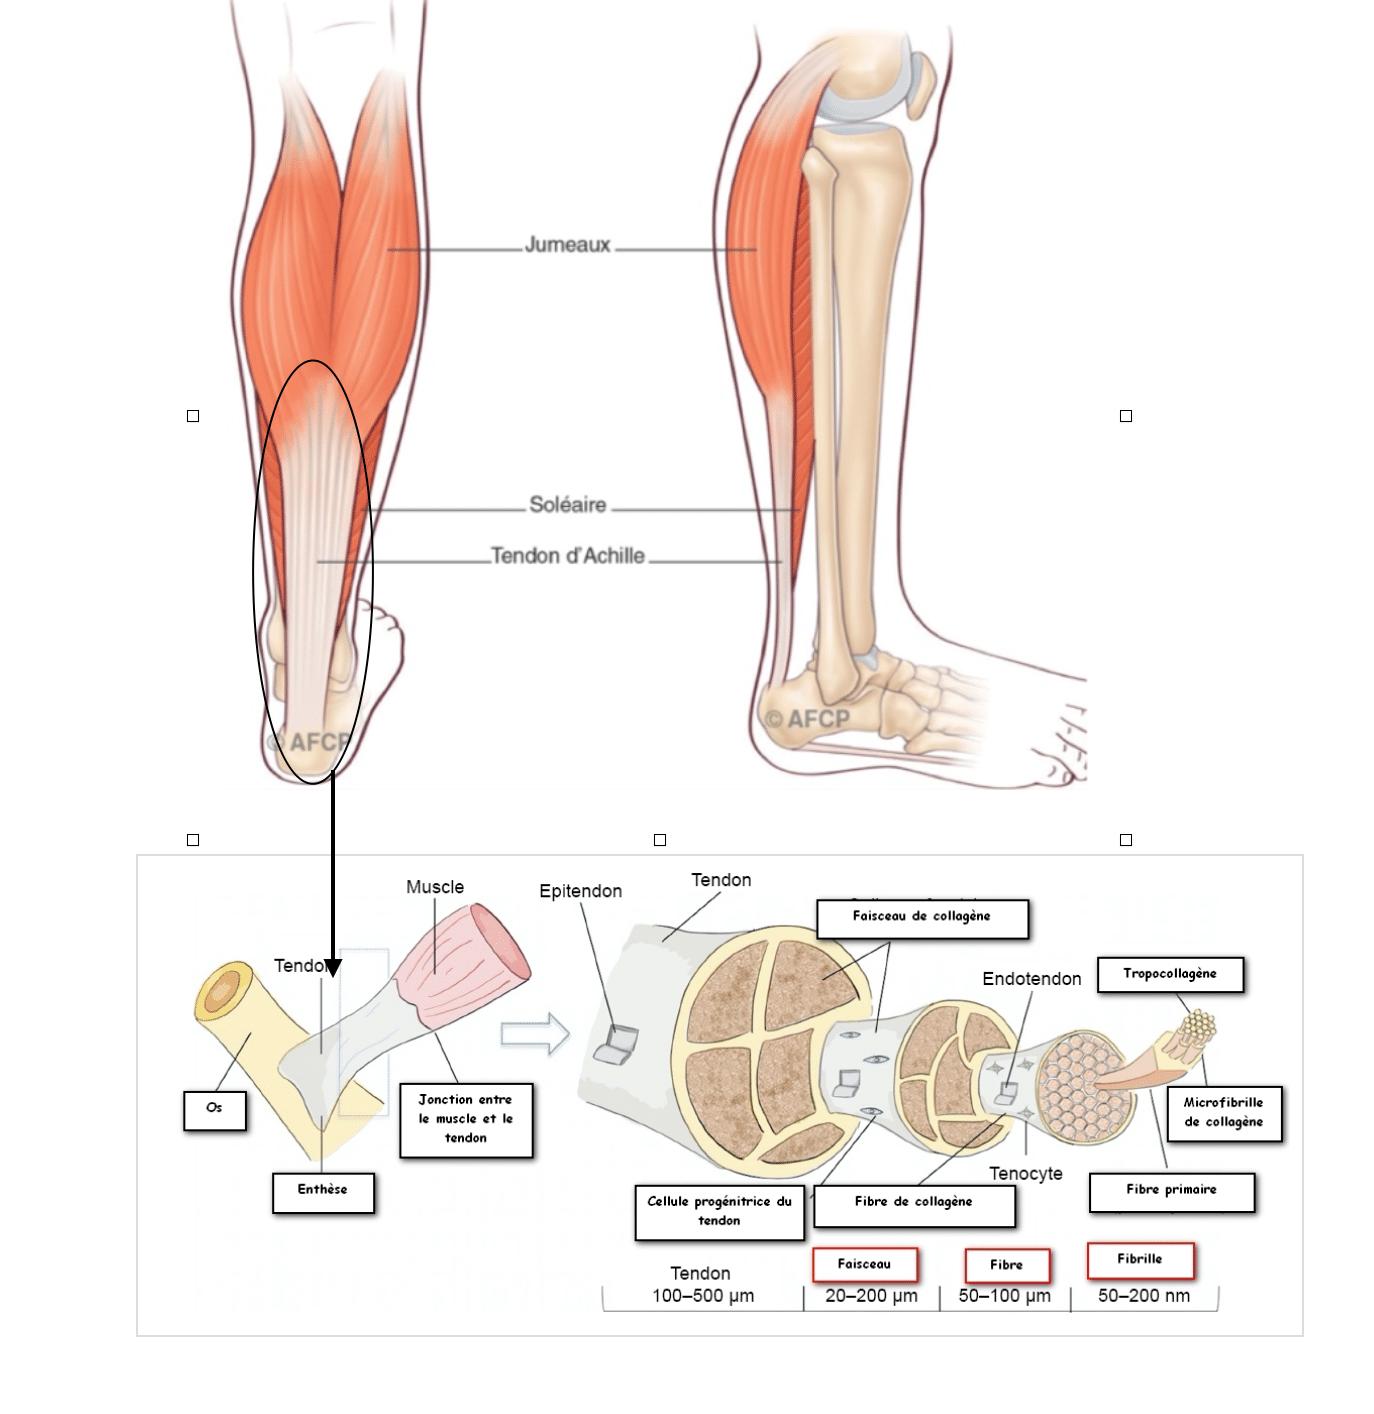 Le tendon d'Achille : qu'est-ce que c'est ?